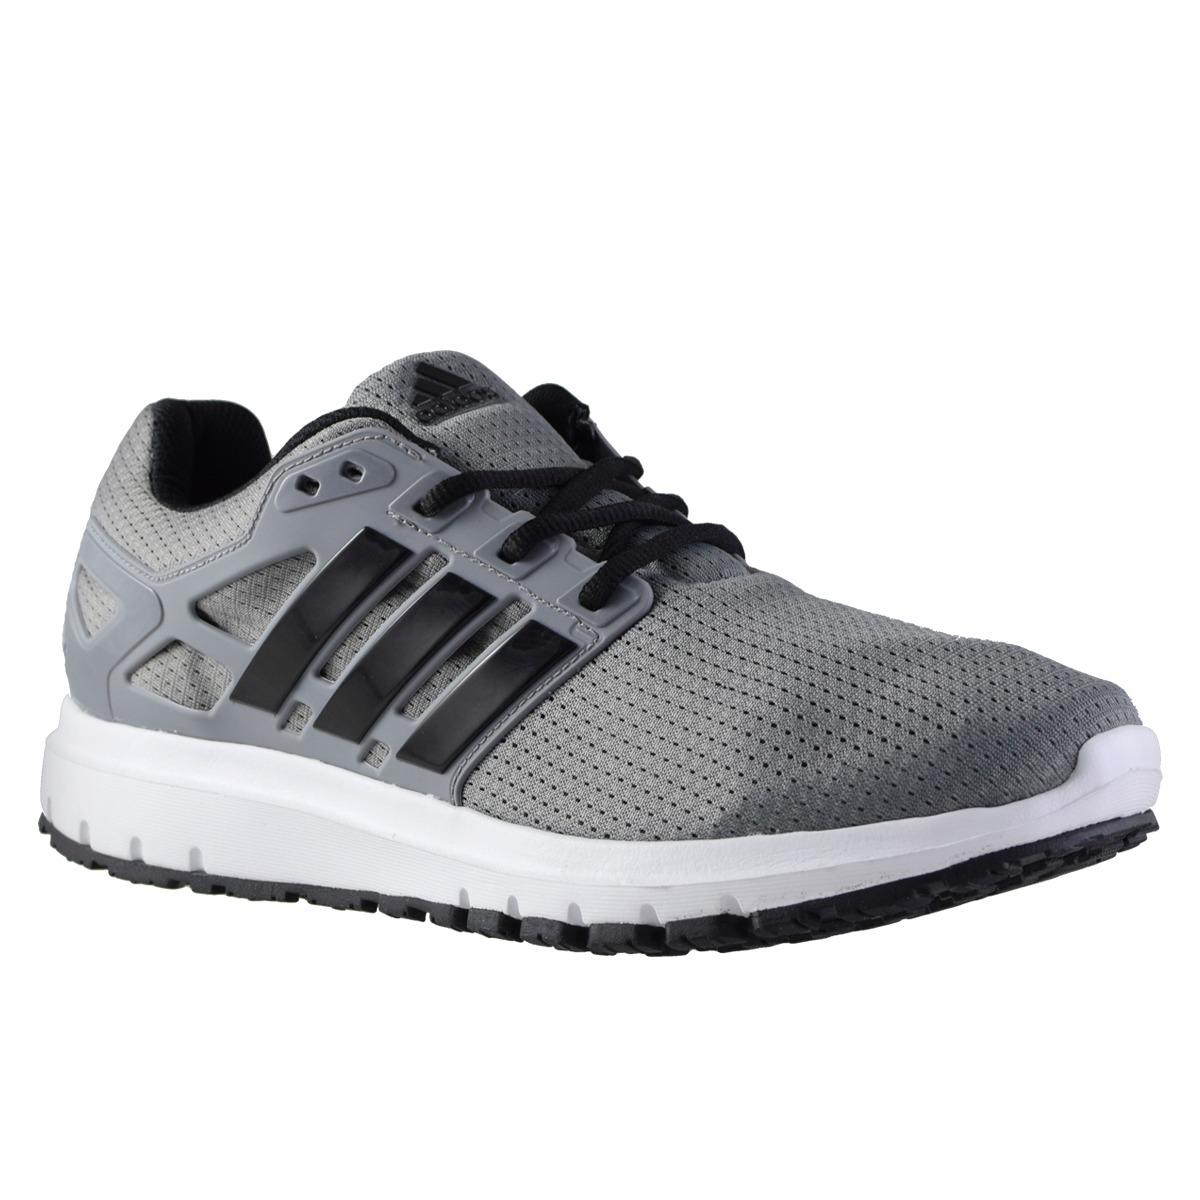 cheap for discount 89ec1 284e4 zapatillas adidas energy cloud wtc hombre grisnegro. Cargando zoom.